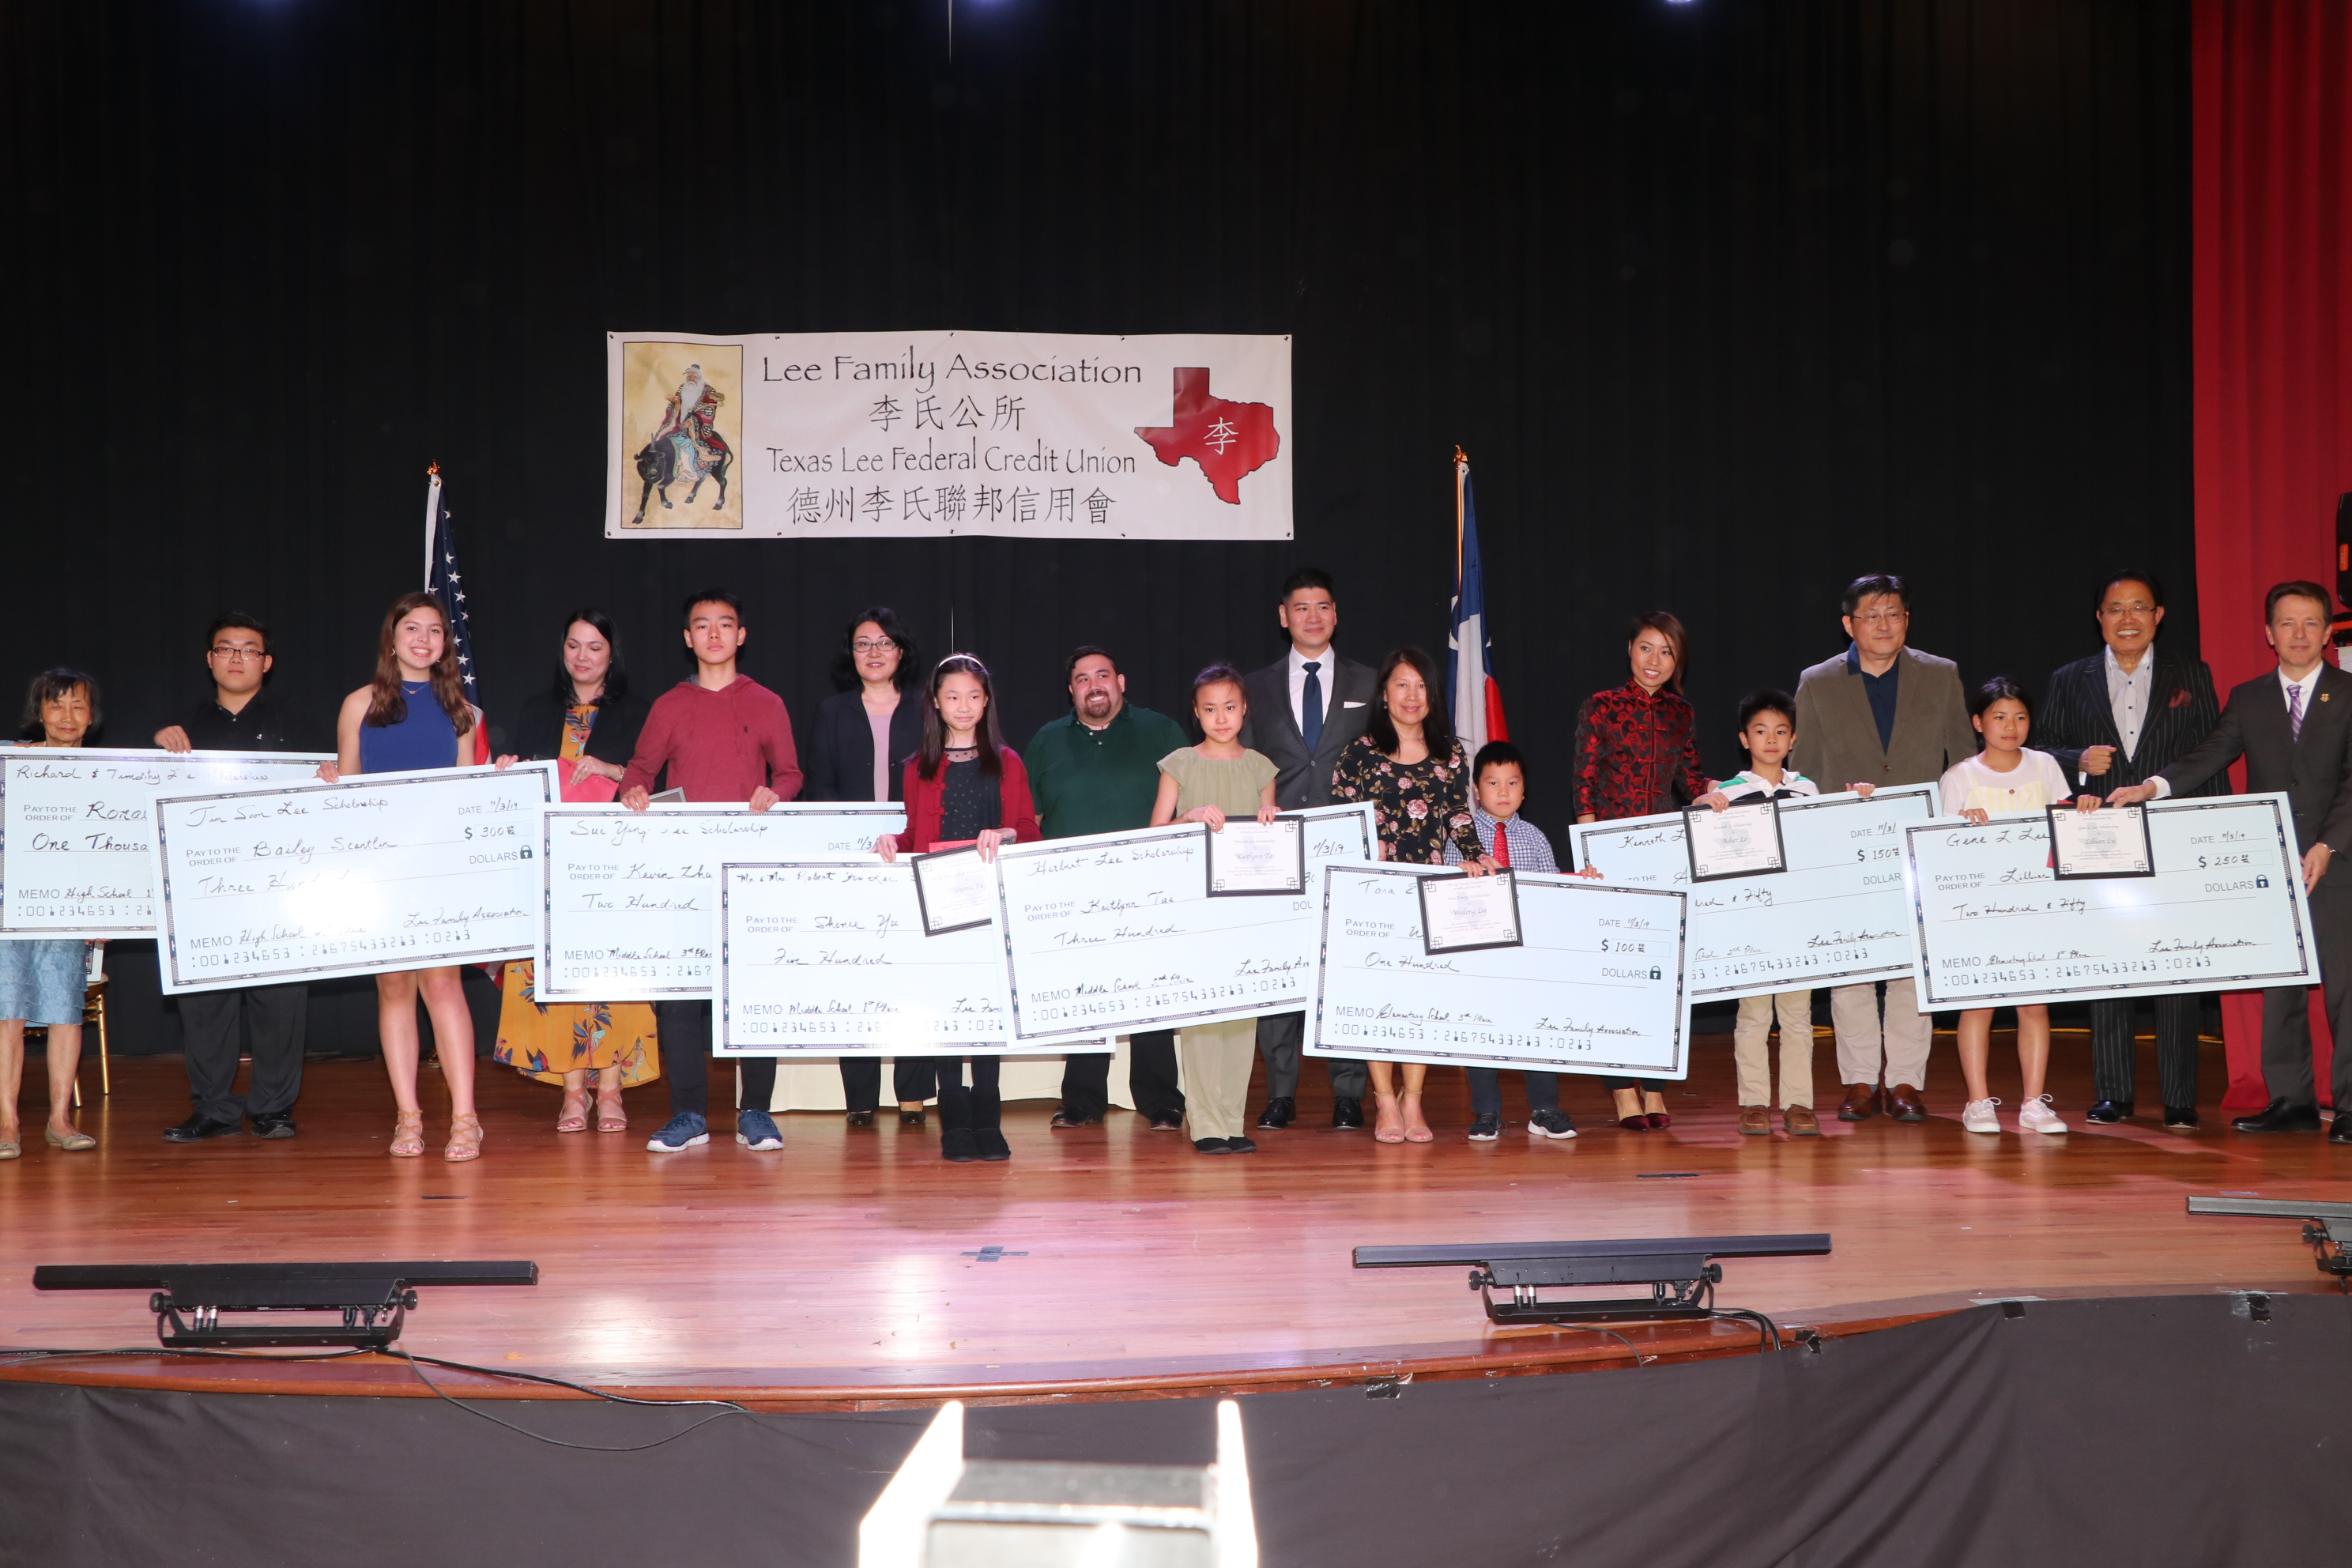 獎學金分小學、初中及高中,同學們在家長的陪同下上台領獎。